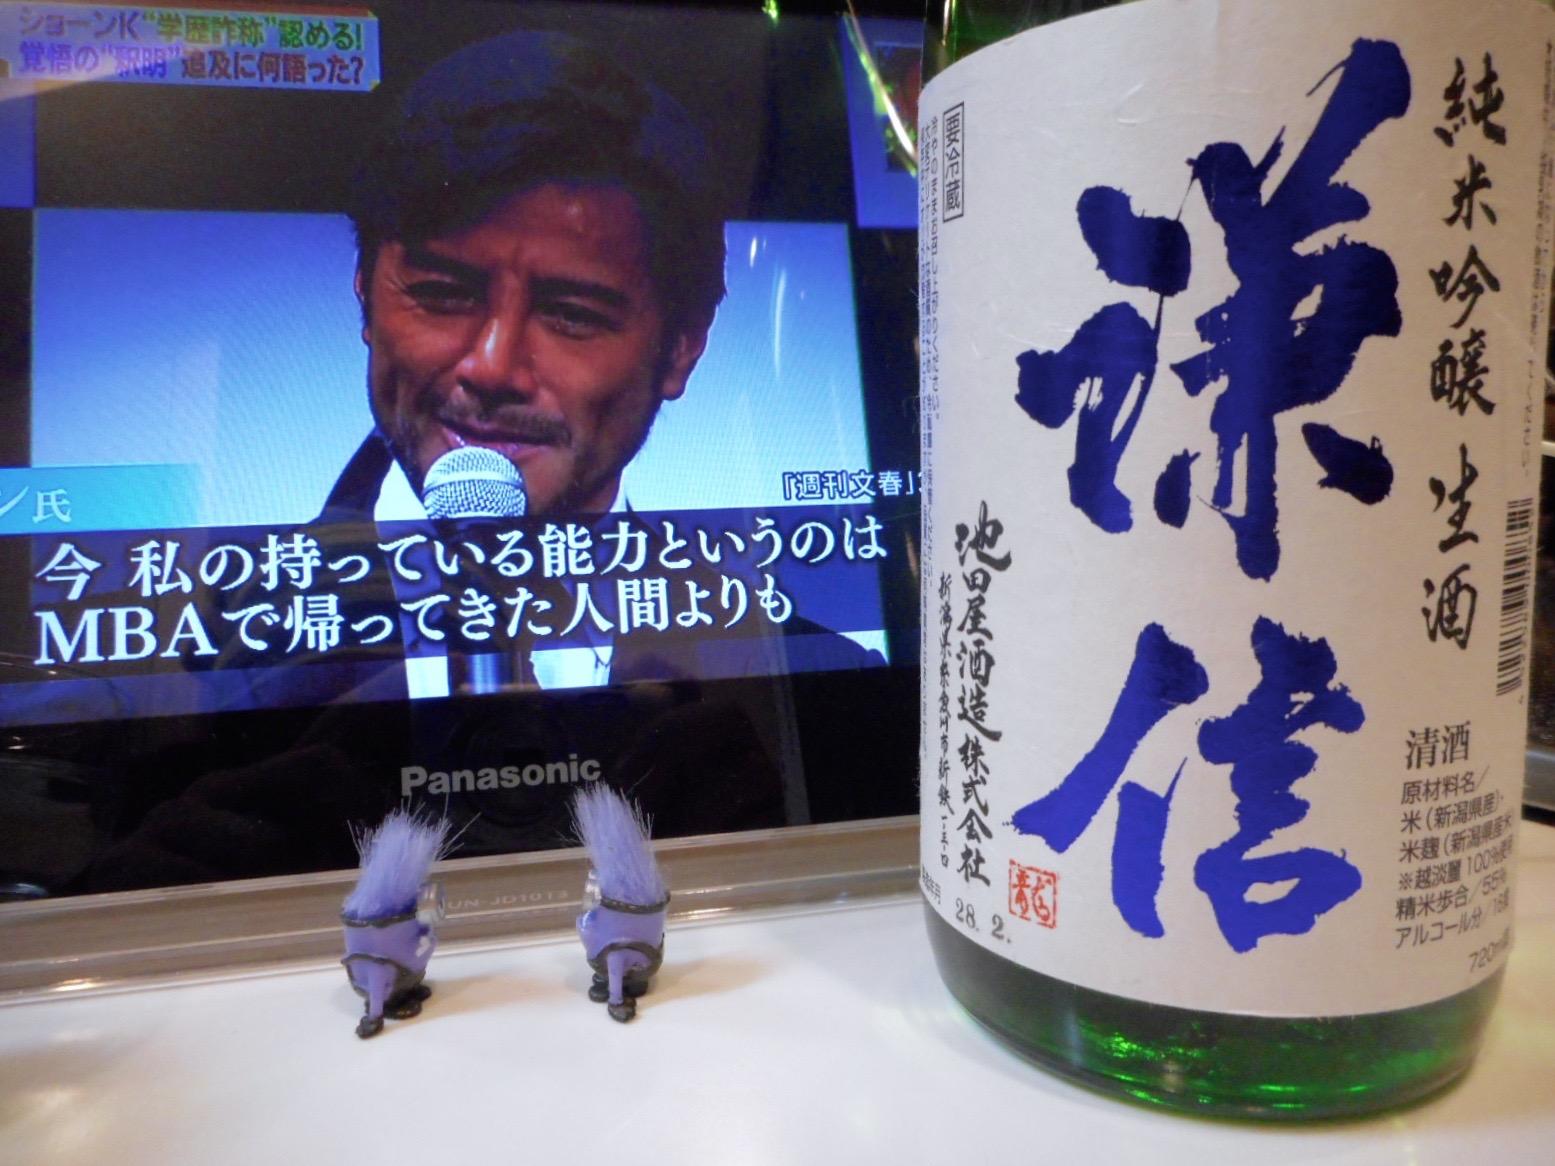 kenshin_koshitanrei1.jpg